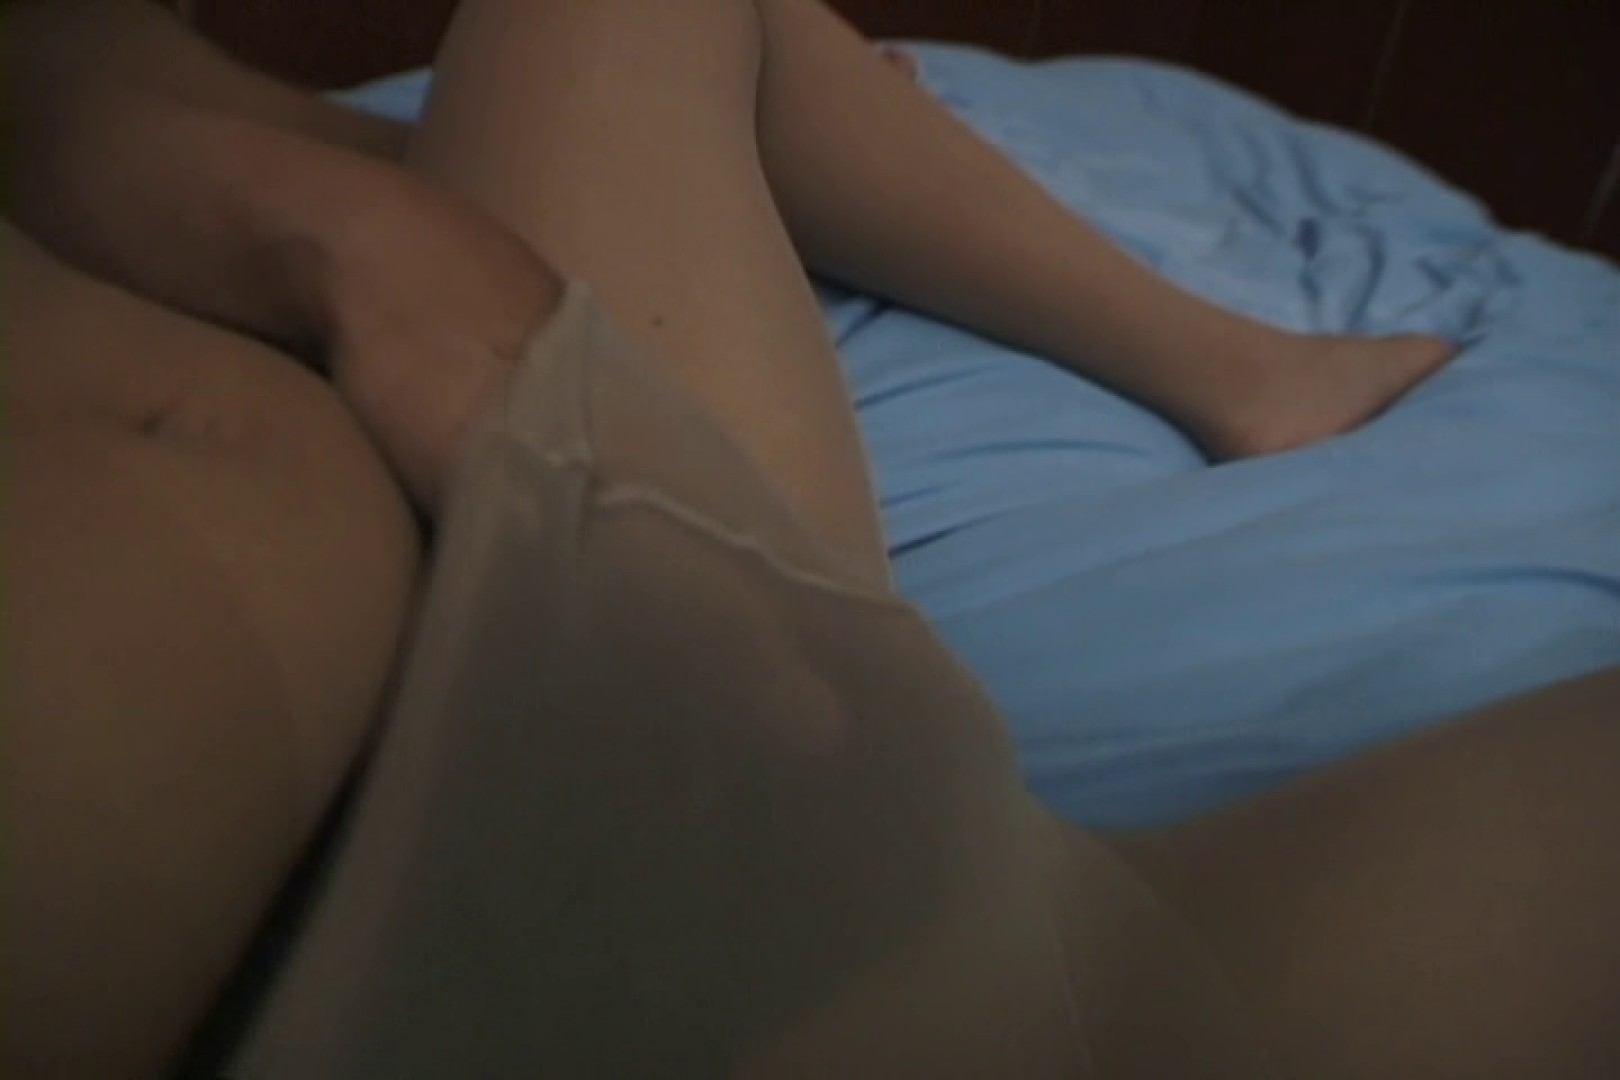 無修正おまんこ動画 旦那との愛よりも、愛人とのSEX~片瀬梨子~vol,1 大奥